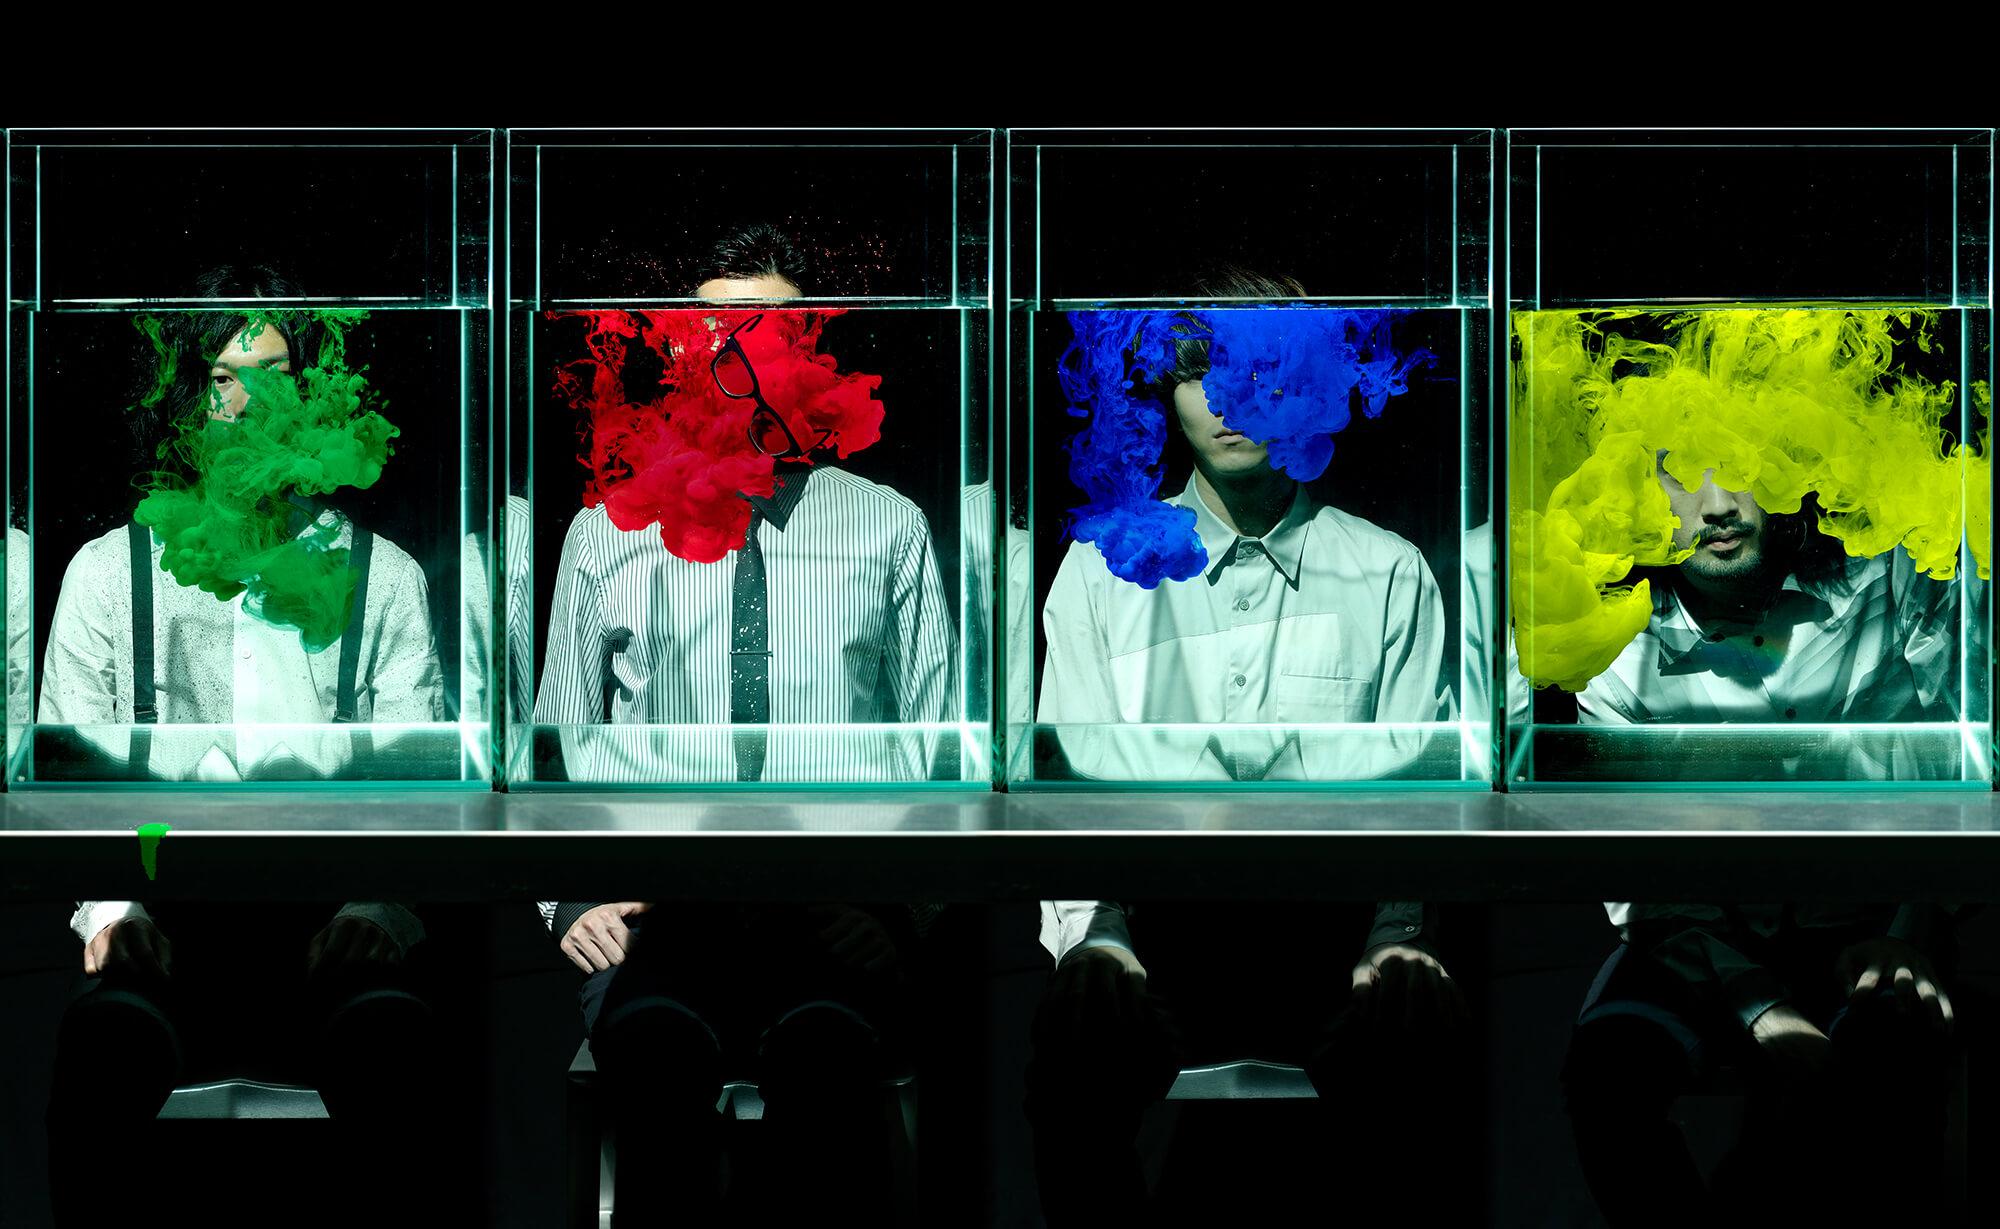 夜の本気ダンス 地元の京都KBSラジオでレギュラー番組「ラジダン!」 10月3日(水)より放送スタート!